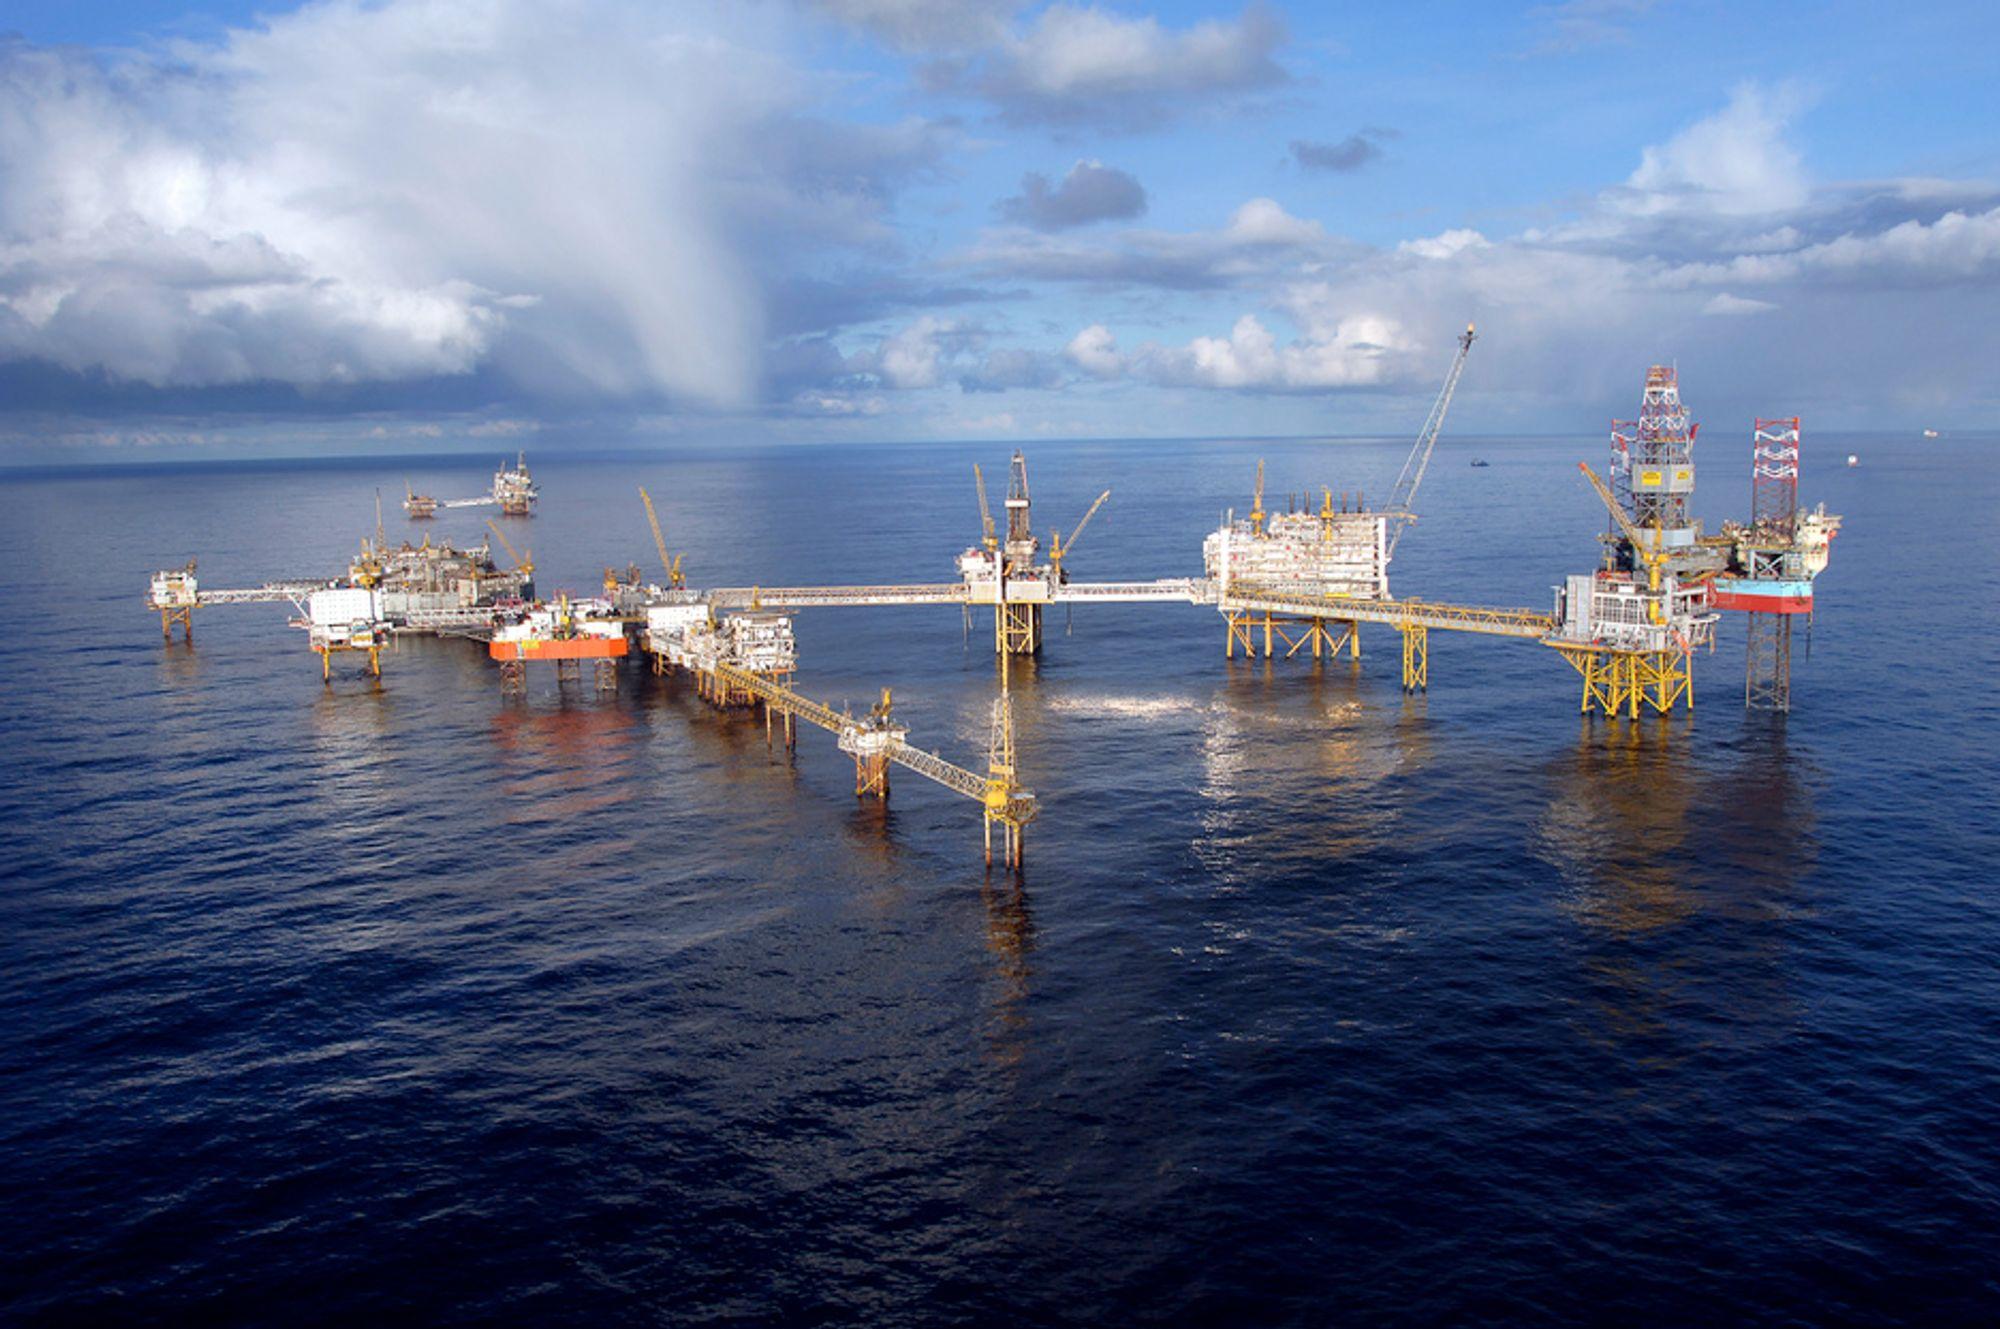 KOLLISJON: Et skip kolliderte med en av plattformene på Ekofisk natt til mandag. Plattformen er nå stengt.